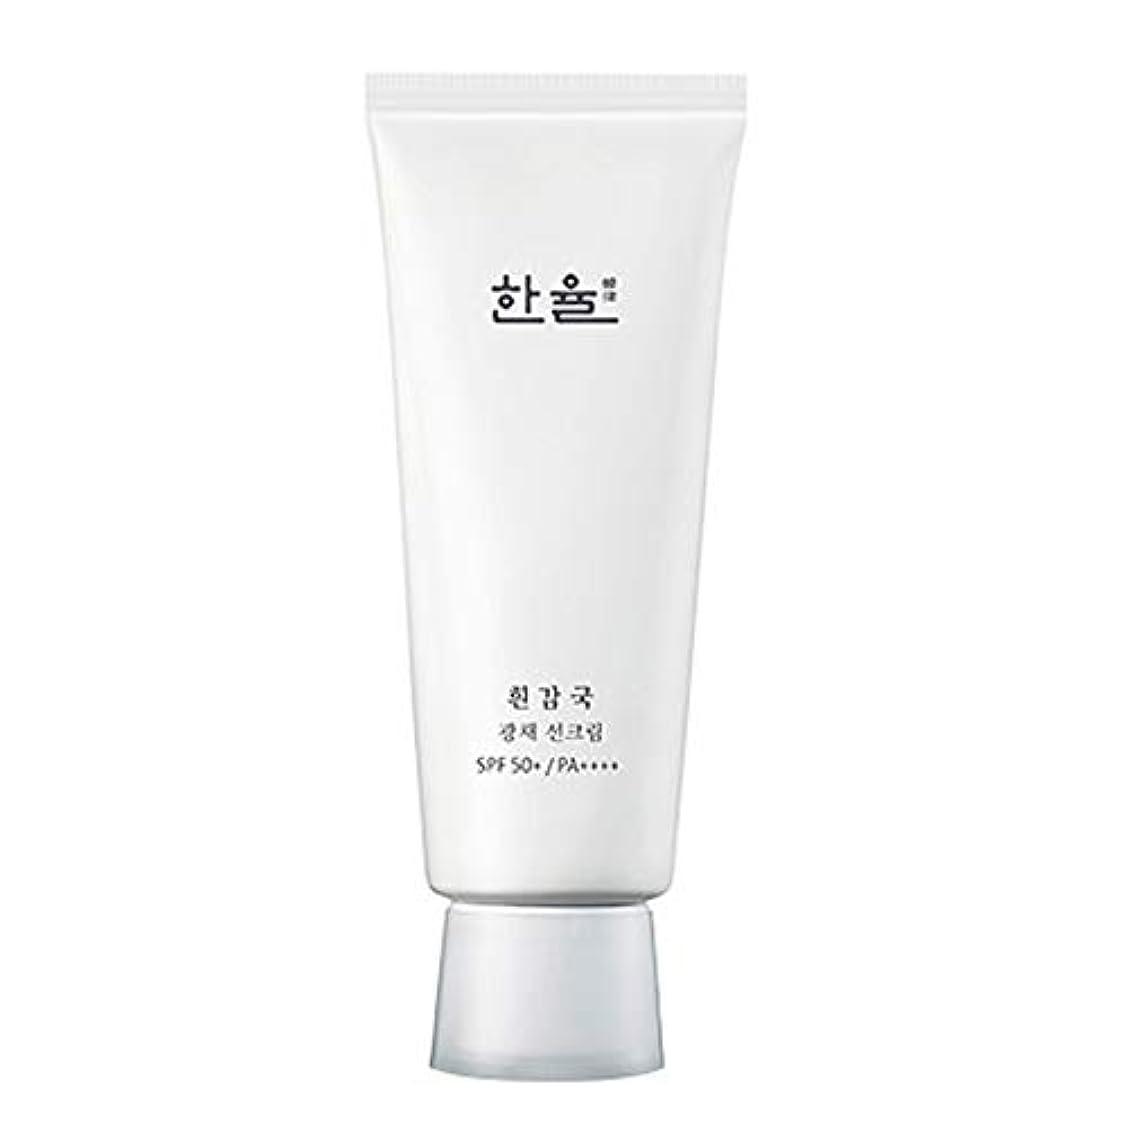 銀行火山キャリッジ[HANYUL] ハンユル 白いガムグク輝きサンクリーム 70ml SPF50+ PA++++ White Chrysanthemum Radiance Sunscreen cream